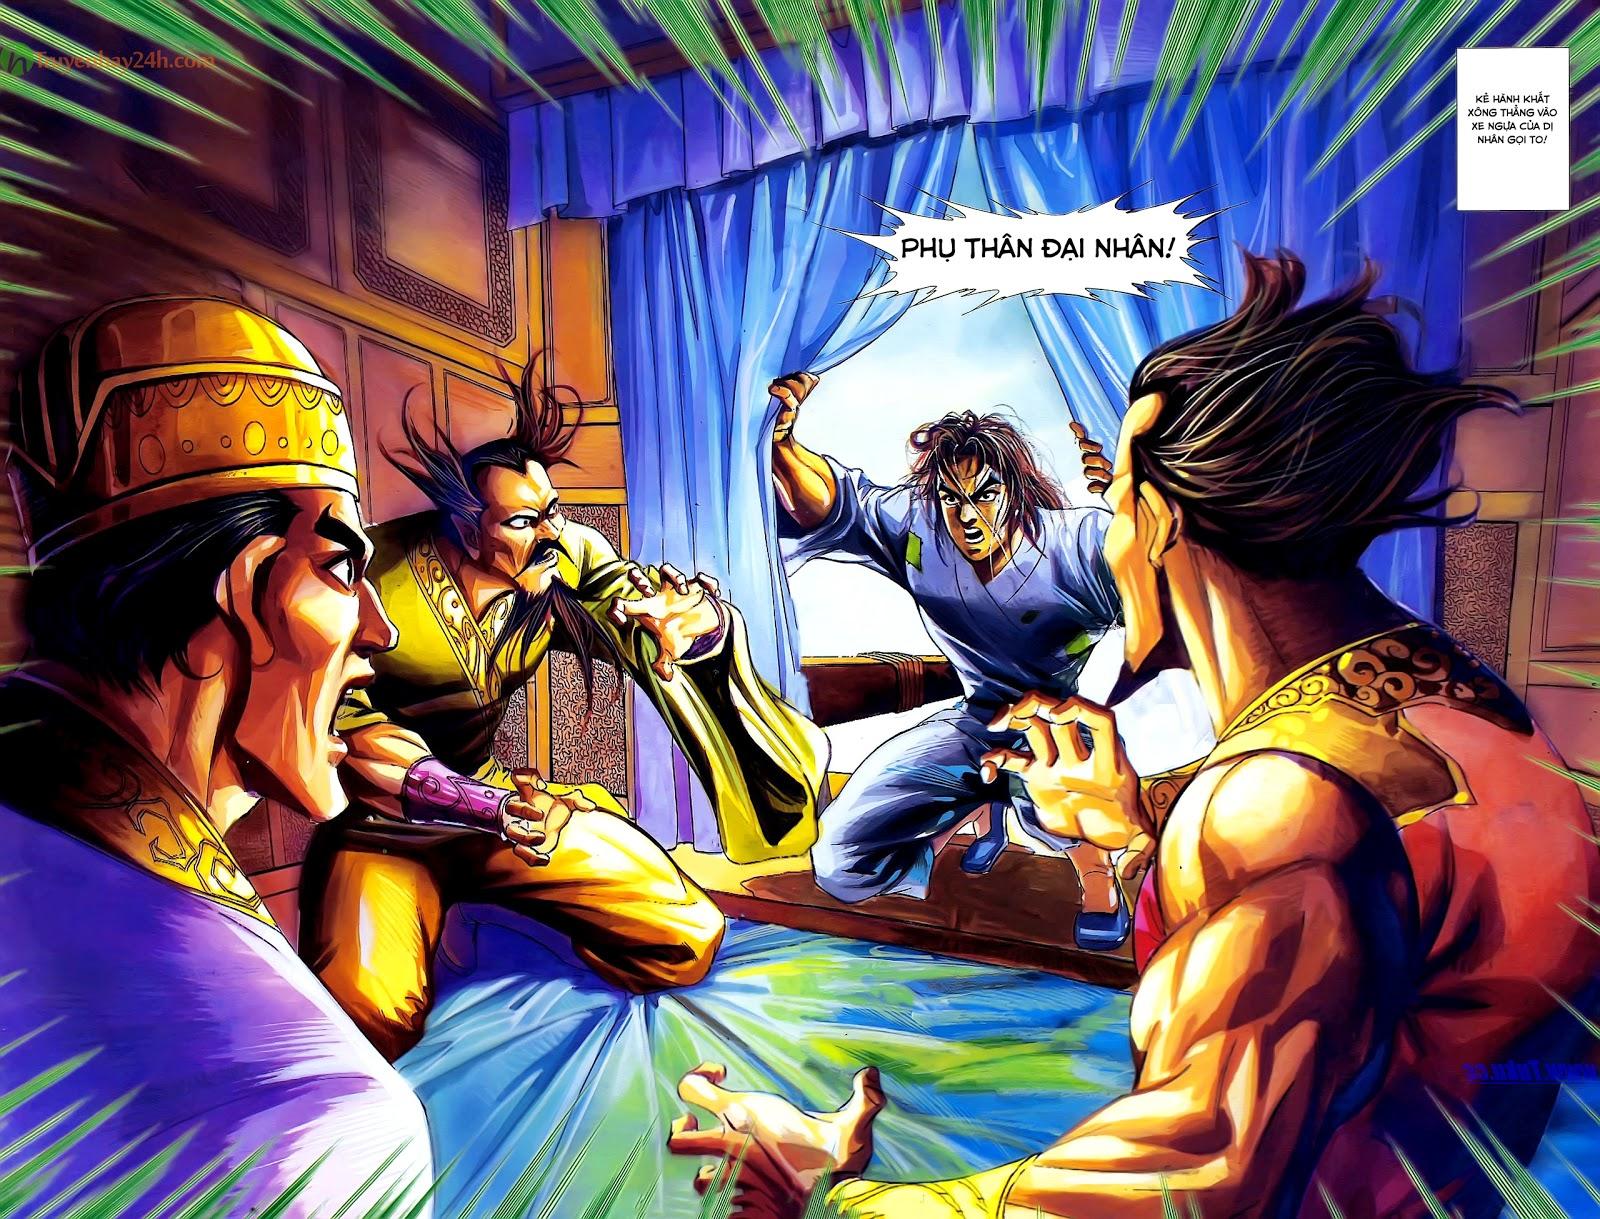 Tần Vương Doanh Chính chapter 28 trang 30